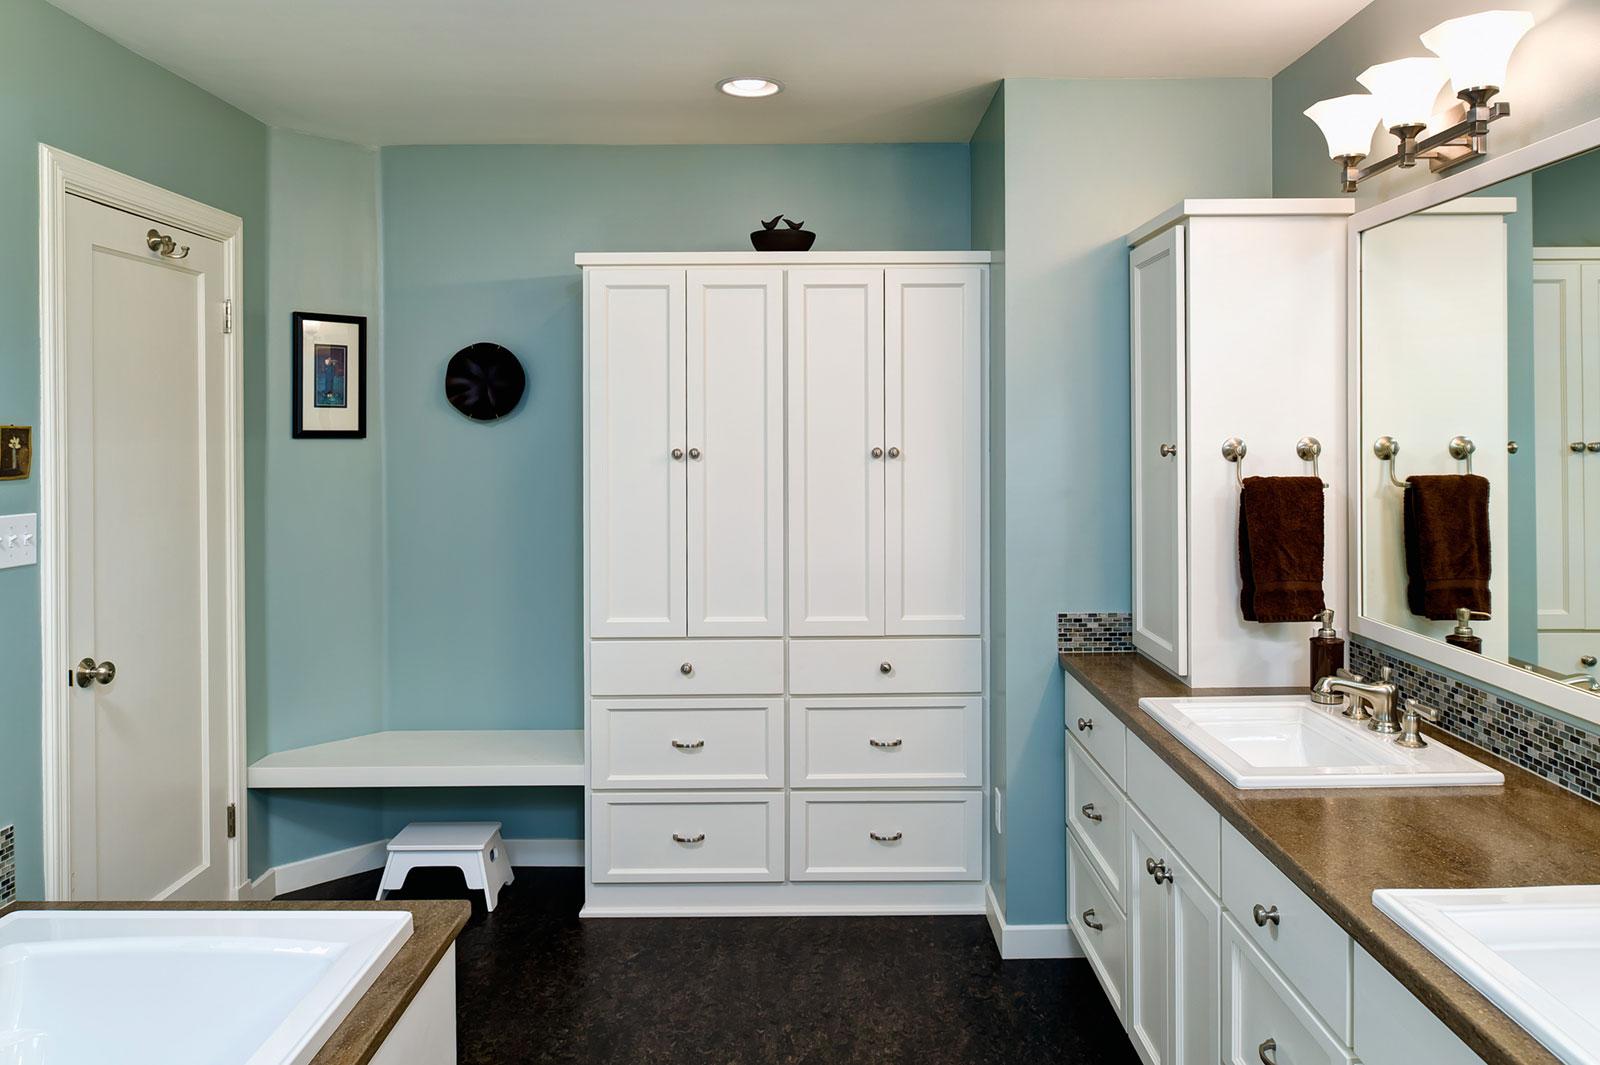 master bathroom remodel - Henderer Design + Build, Corvallis OR